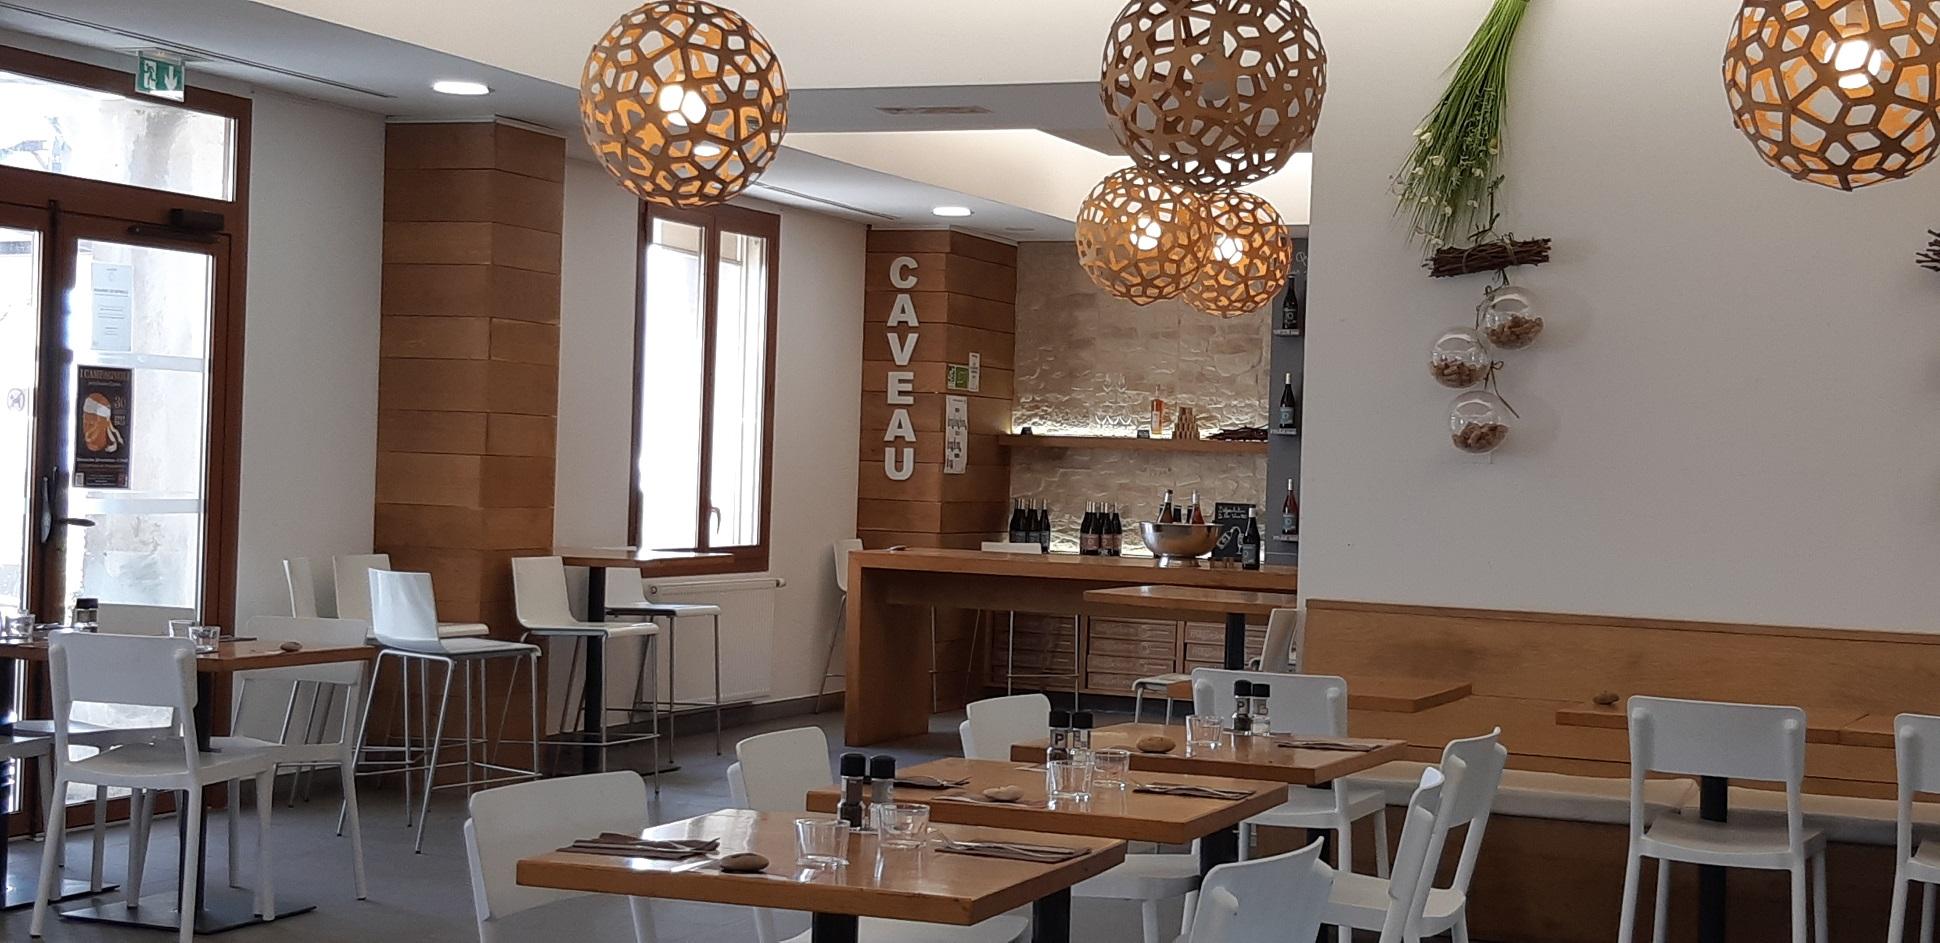 Salle intérieure du restaurant. Décoration sur les tons doux couleur bois et blanc